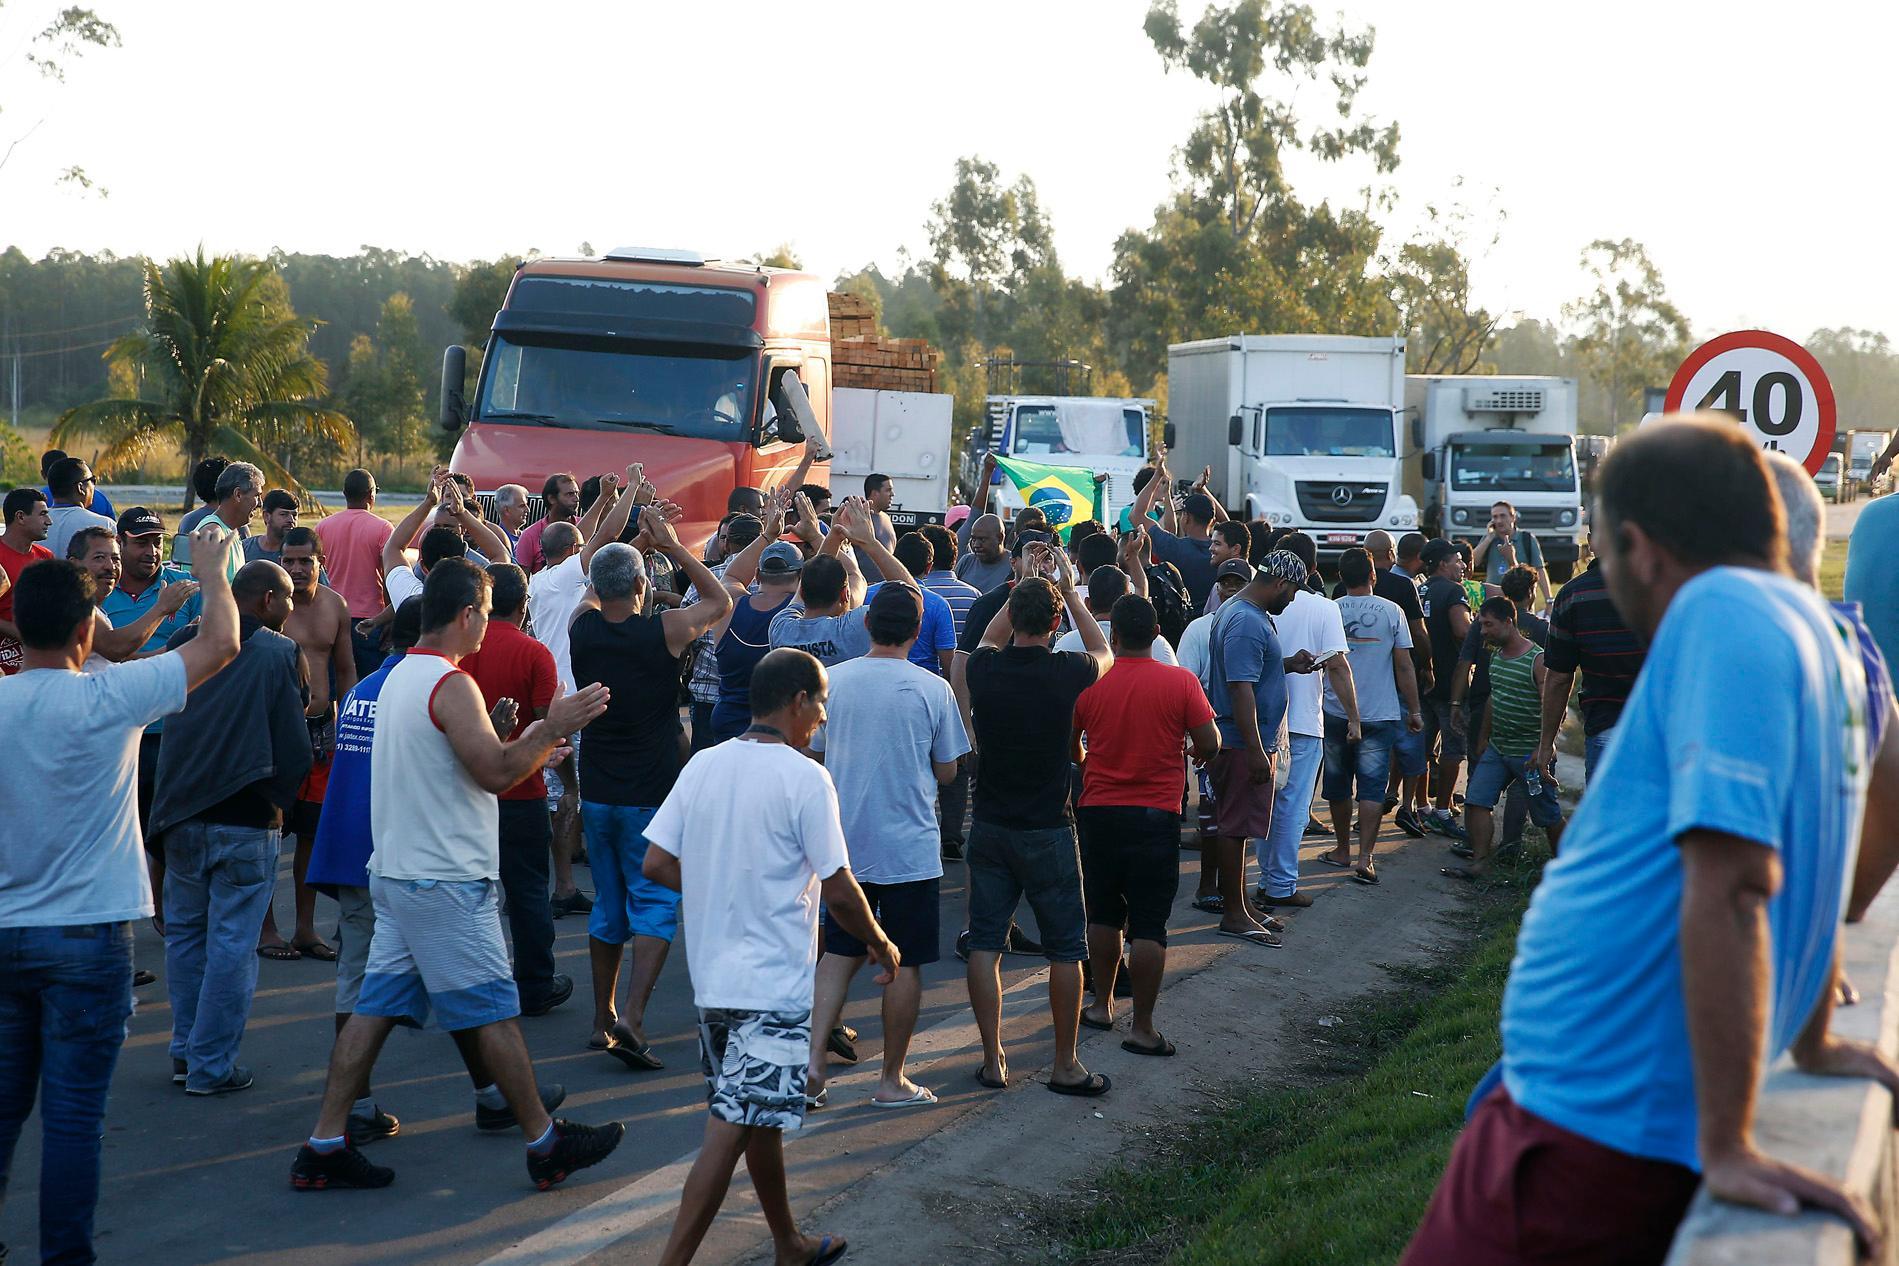 Caminhoneiros protestam na Rodovia Presidente Dutra, em Seropédica, Rio de Janeiro